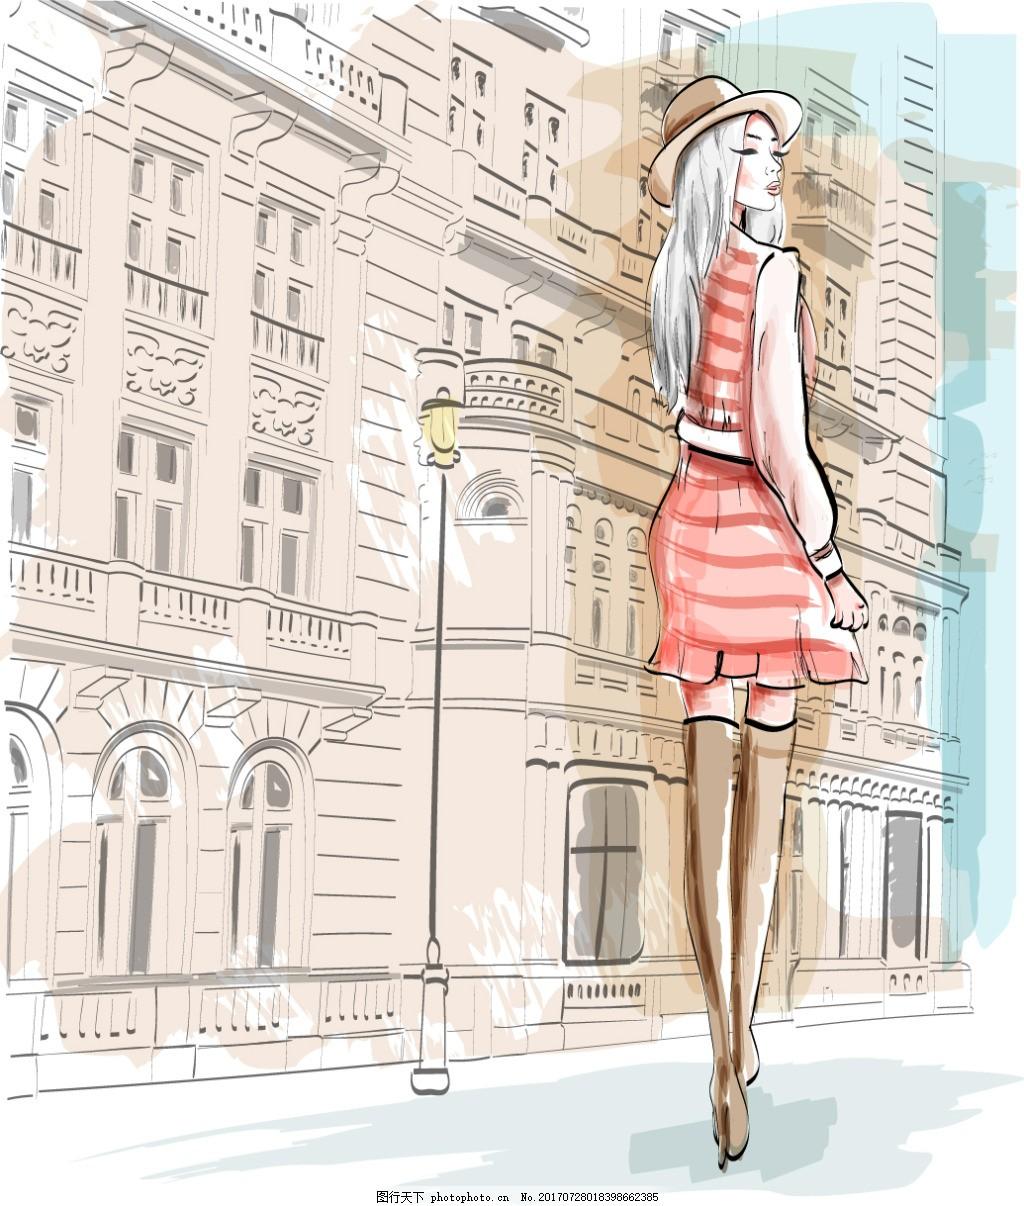 手绘街头女郎插画 建筑 水彩绘 路灯 背影 人物